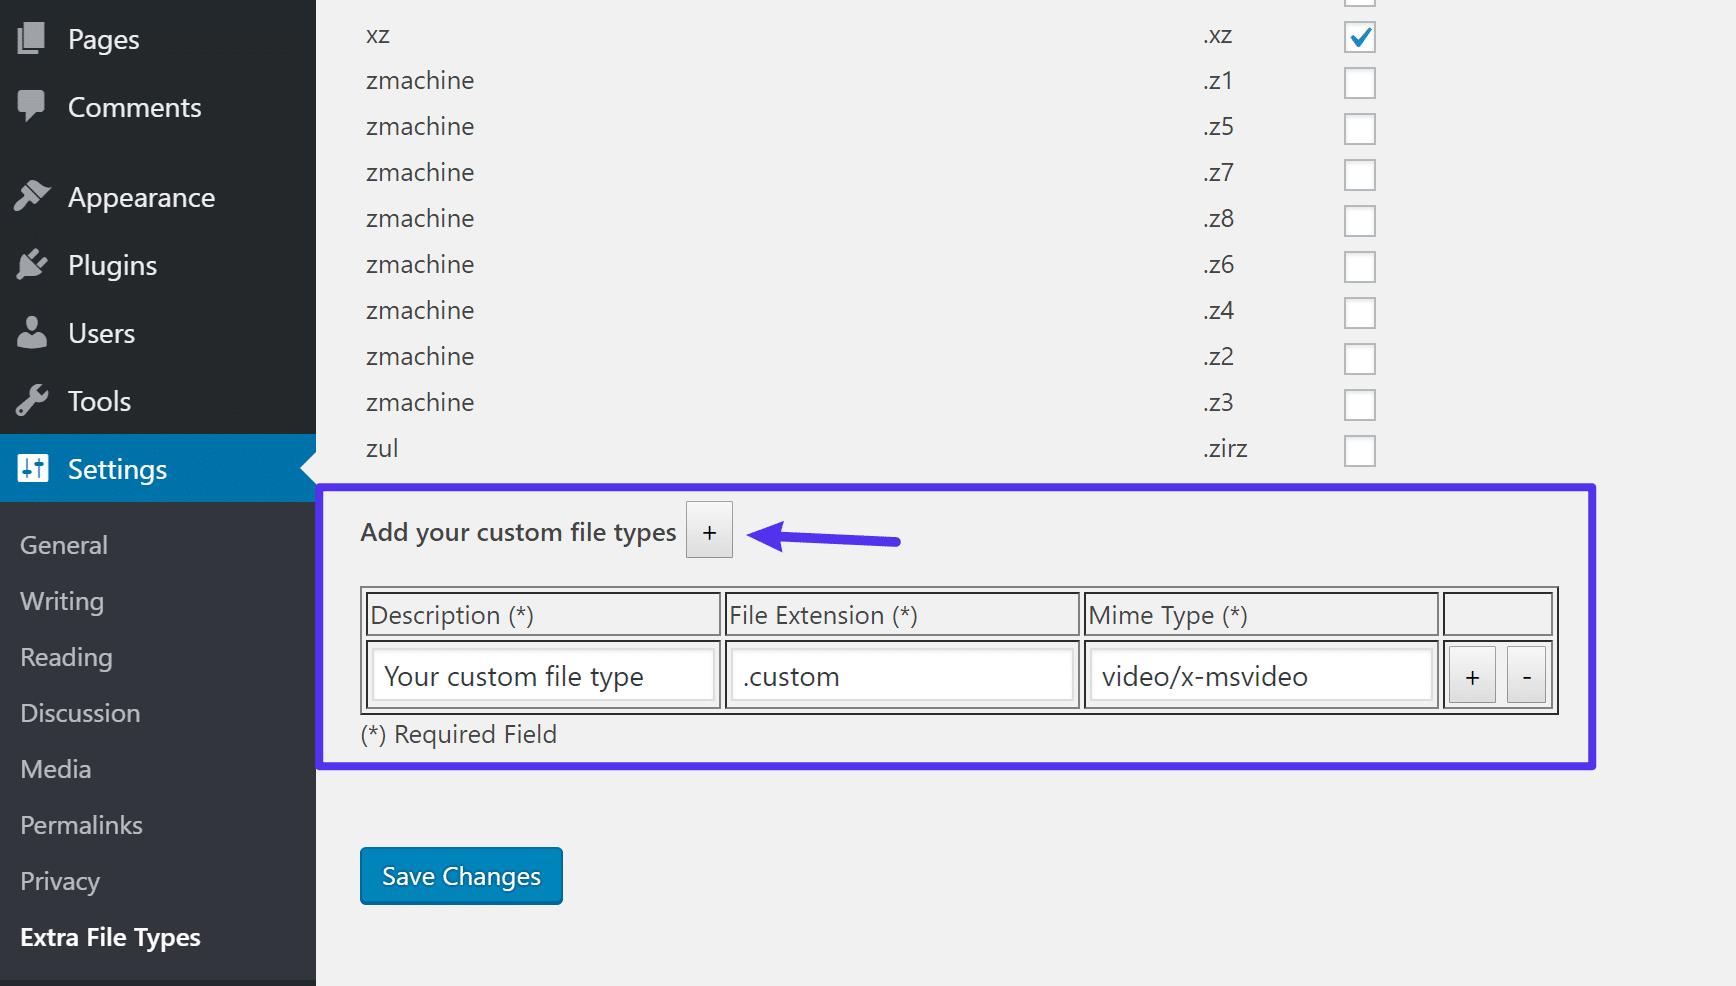 独自のカスタムファイルタイプを追加する方法